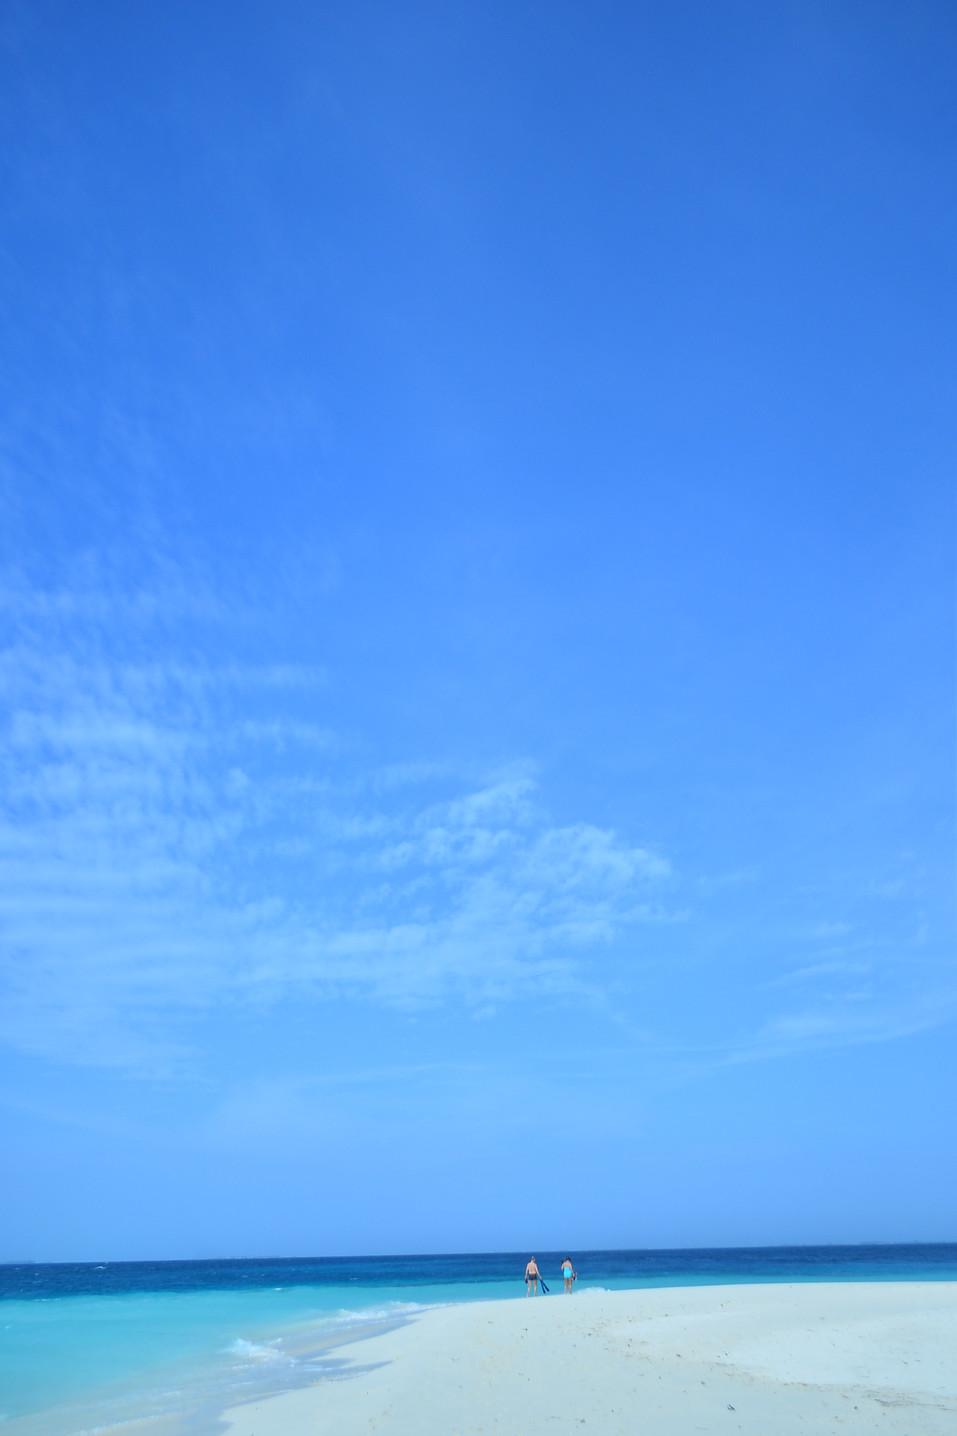 SandBanks | Resorts | Aerial Photographs